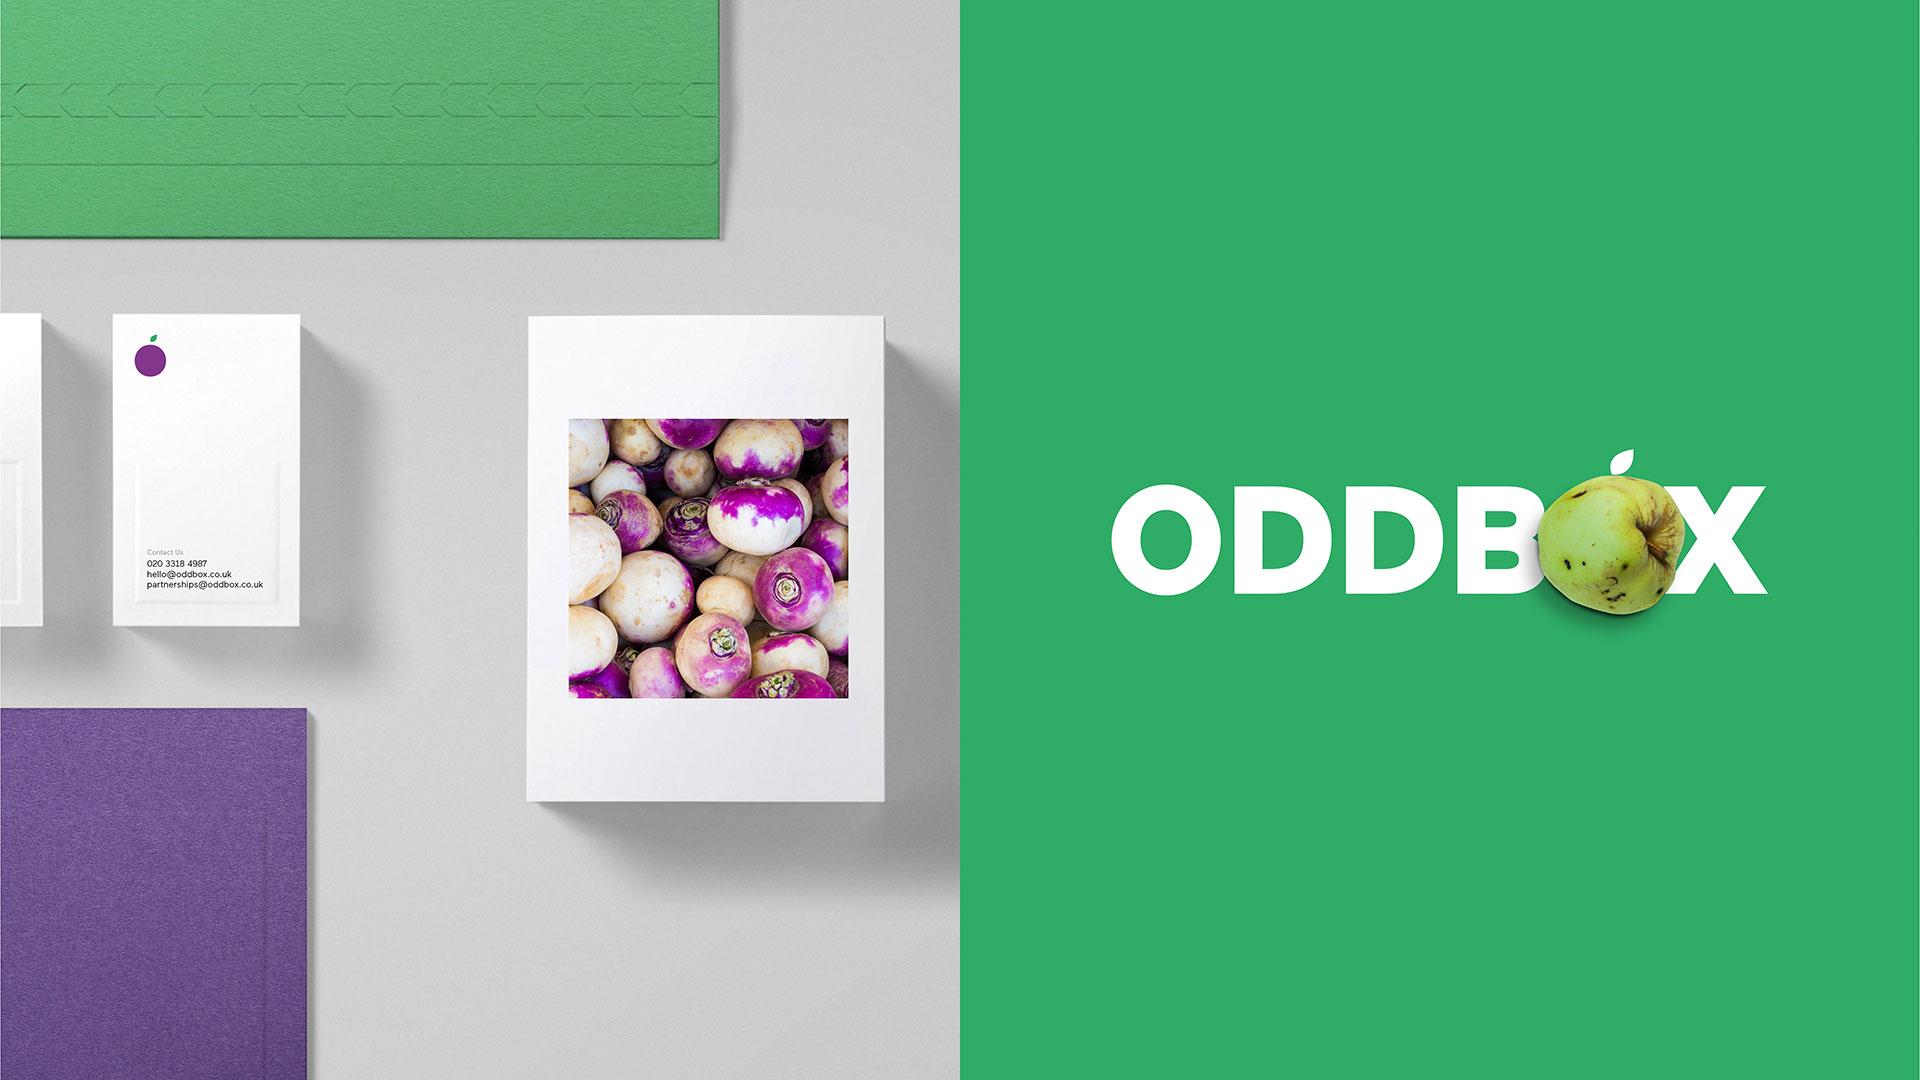 Oddbox_2